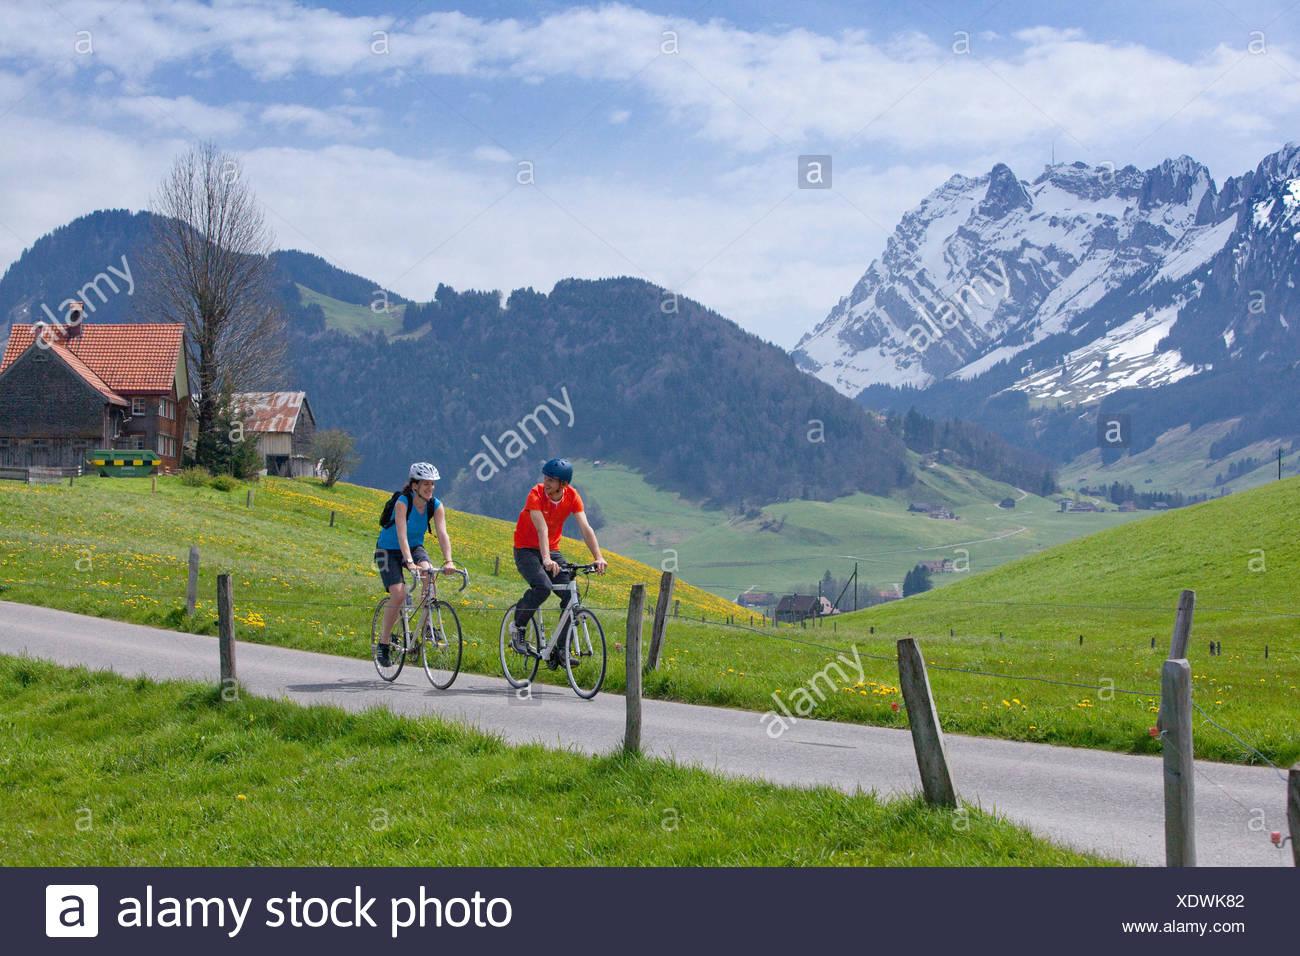 Excursión en bicicleta por la zona, Appenzell, Cantón, SG, St. Gallen, bicicleta, bicicletas, bicicleta, montar en bicicleta, Appenzell Innerroden, Alpstein, Foto de stock